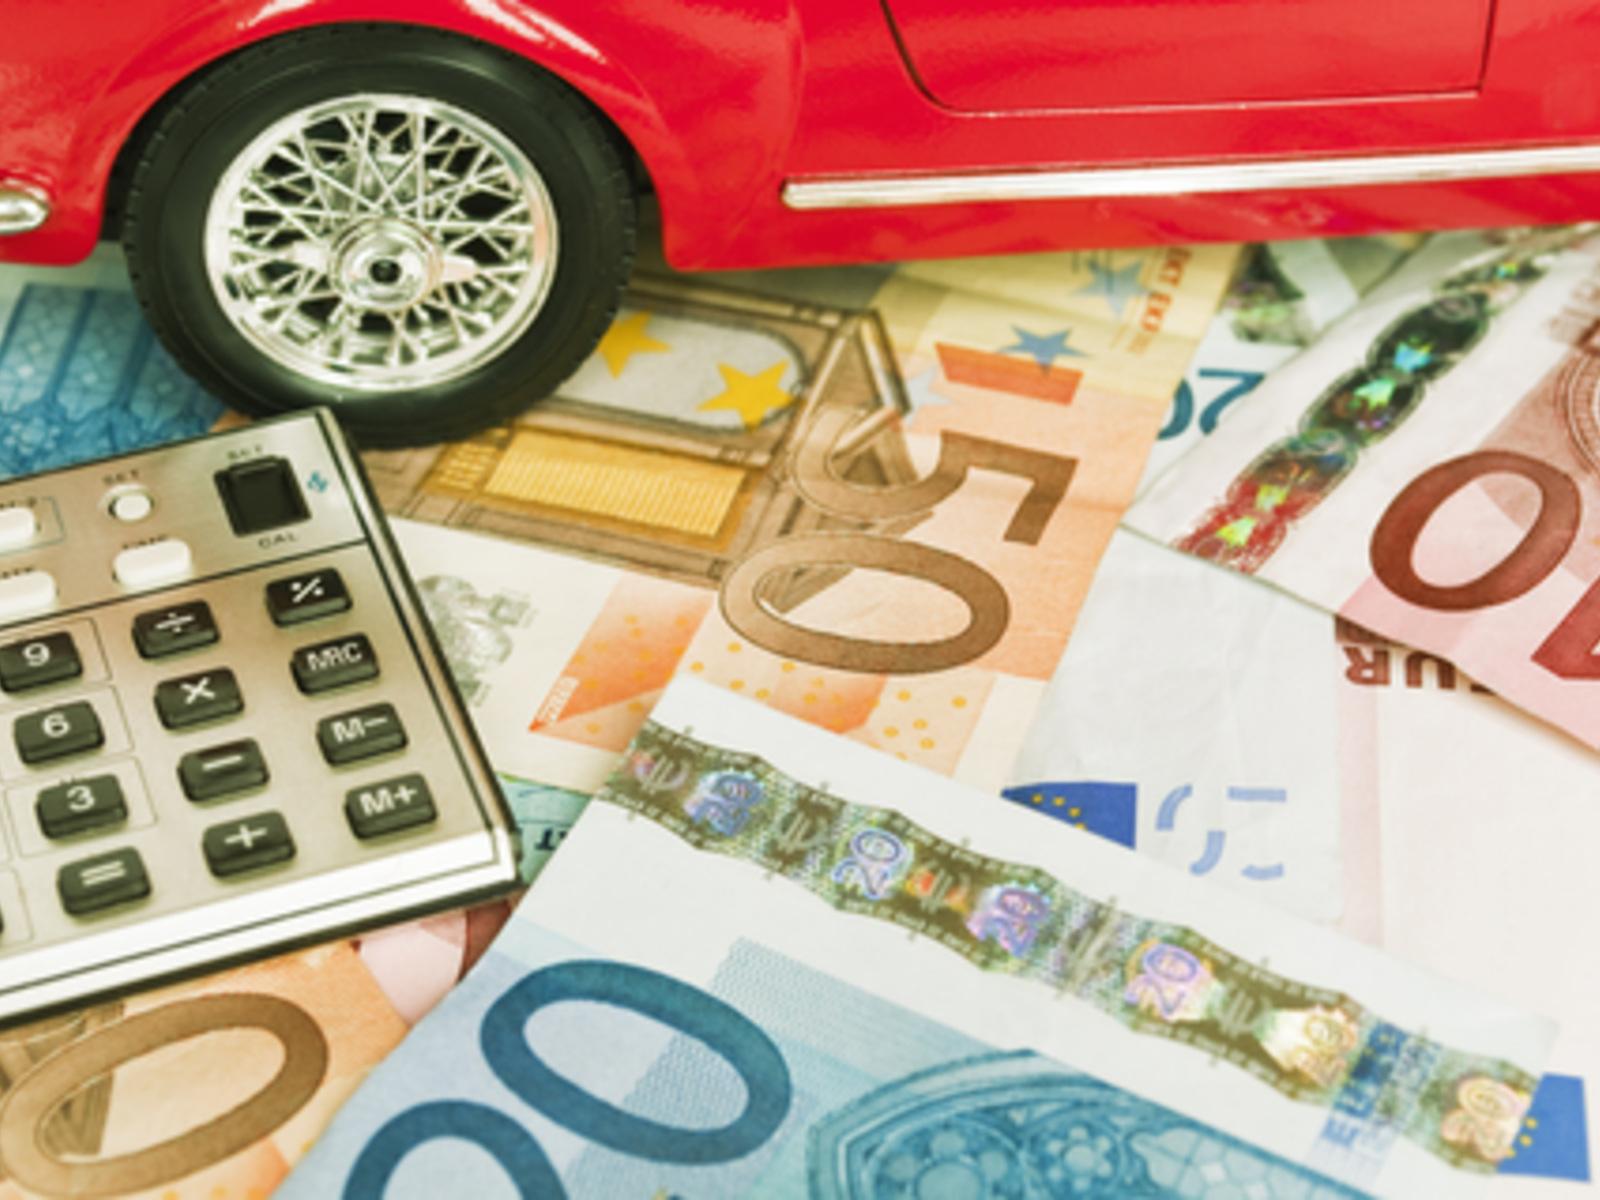 Auto personale o aziendale? Scopri quali ti fa risparmiare, lecitamente, un salasso di tasse